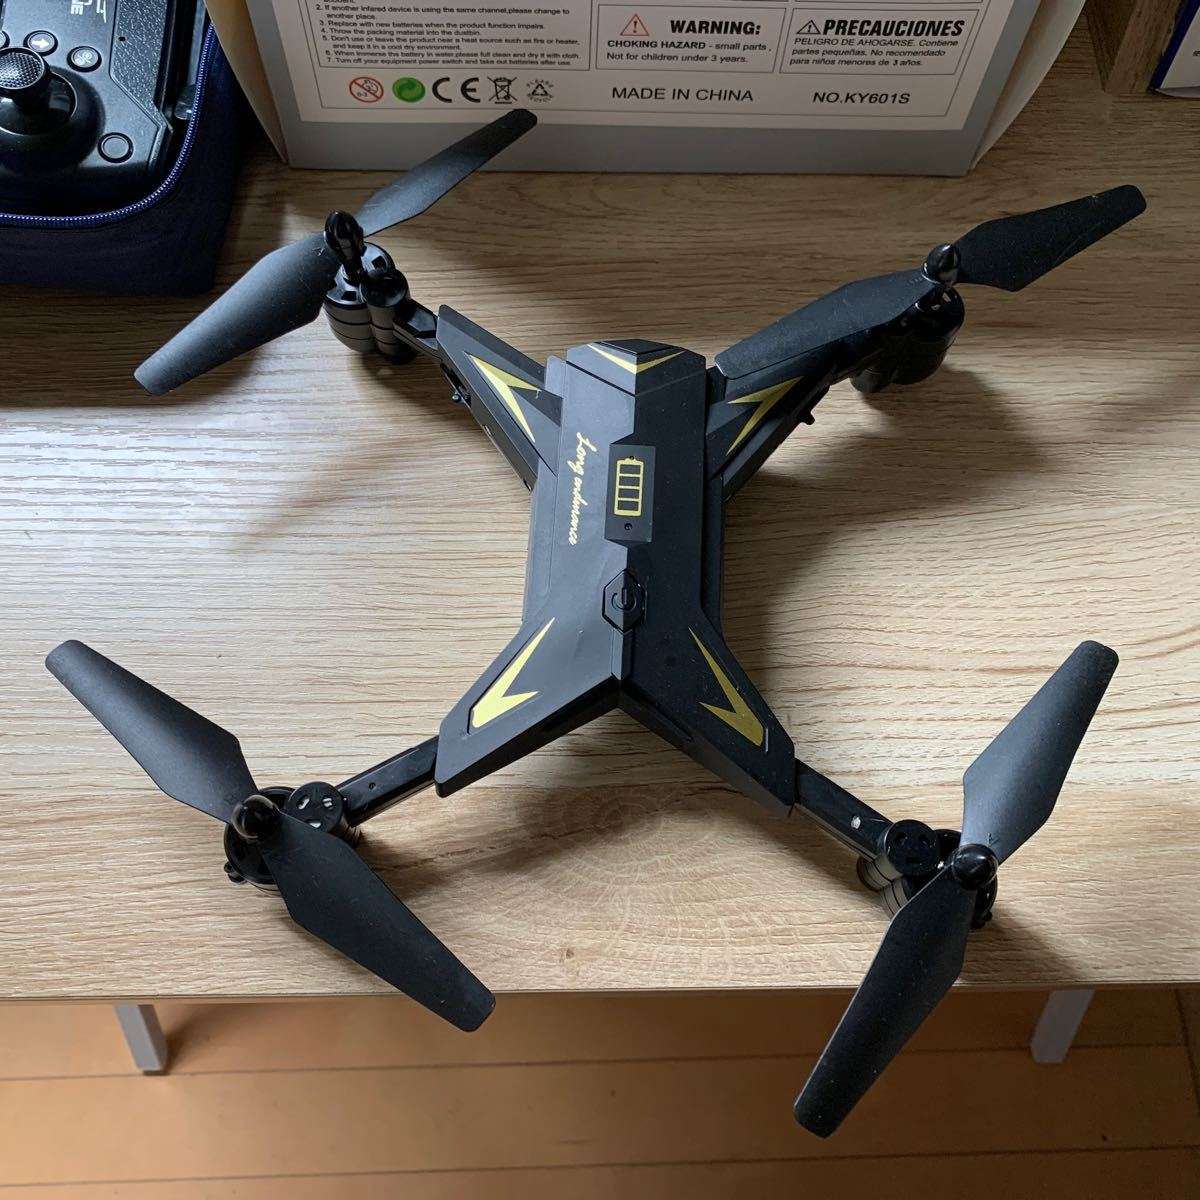 航空法対象外 ドローンKY601S 4K 映画 長時間飛行 カメラ付き 宙返り 気圧センサー搭載  空撮 スマホ